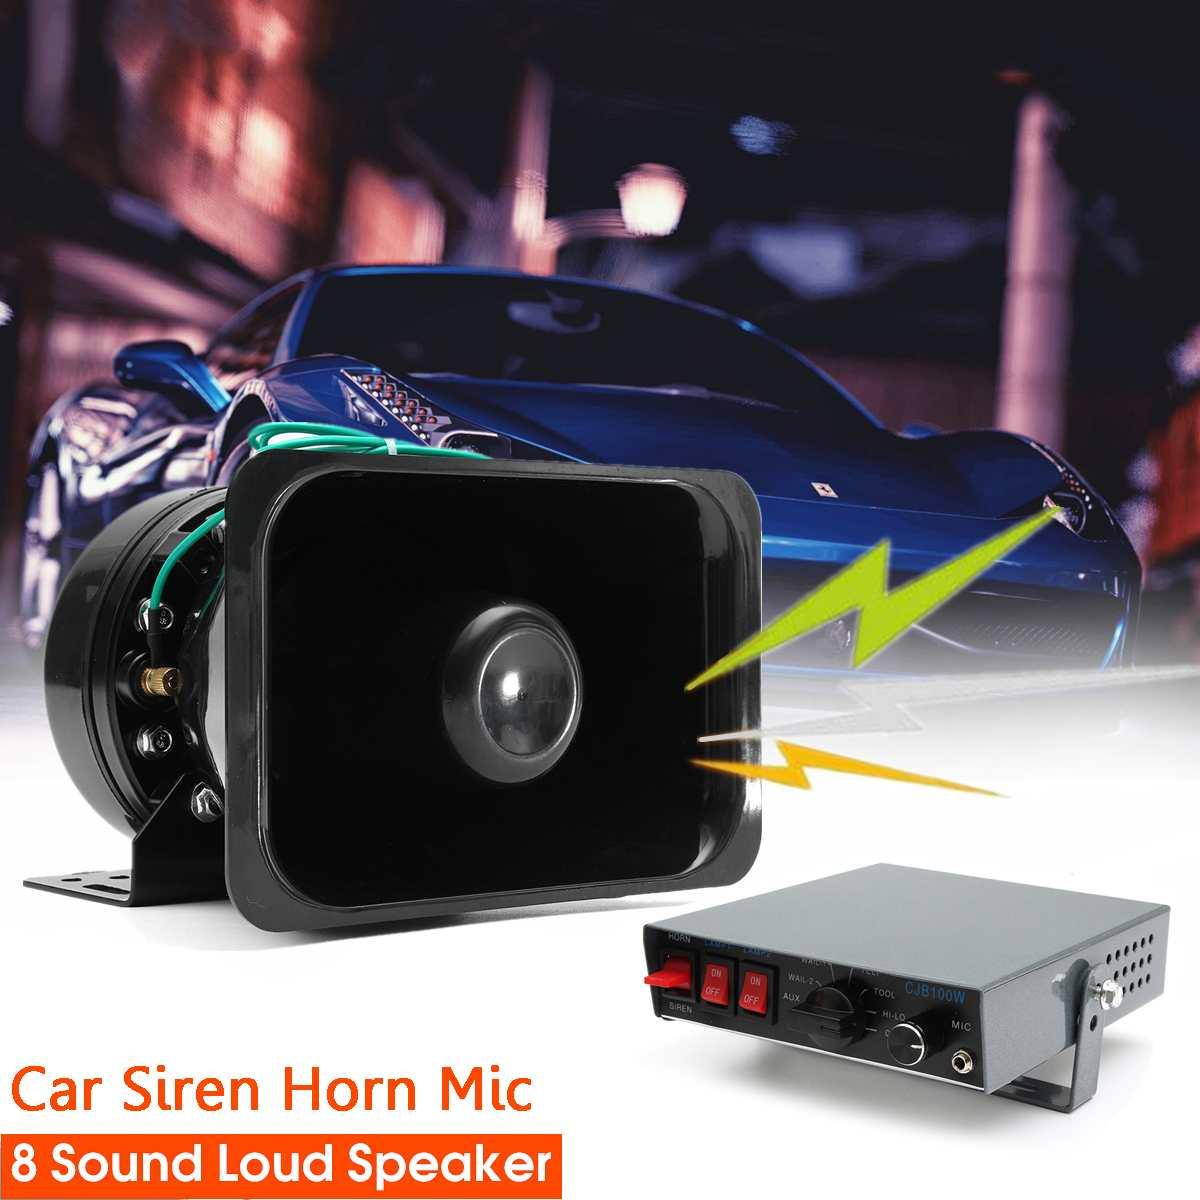 12 V 100 W Auto Allarme di Avvertimento per il Fuoco Sirena Corno PA Altoparlante MIC Sistema di 8 Tono del Suono Auto sirena Corna12 V 100 W Auto Allarme di Avvertimento per il Fuoco Sirena Corno PA Altoparlante MIC Sistema di 8 Tono del Suono Auto sirena Corna